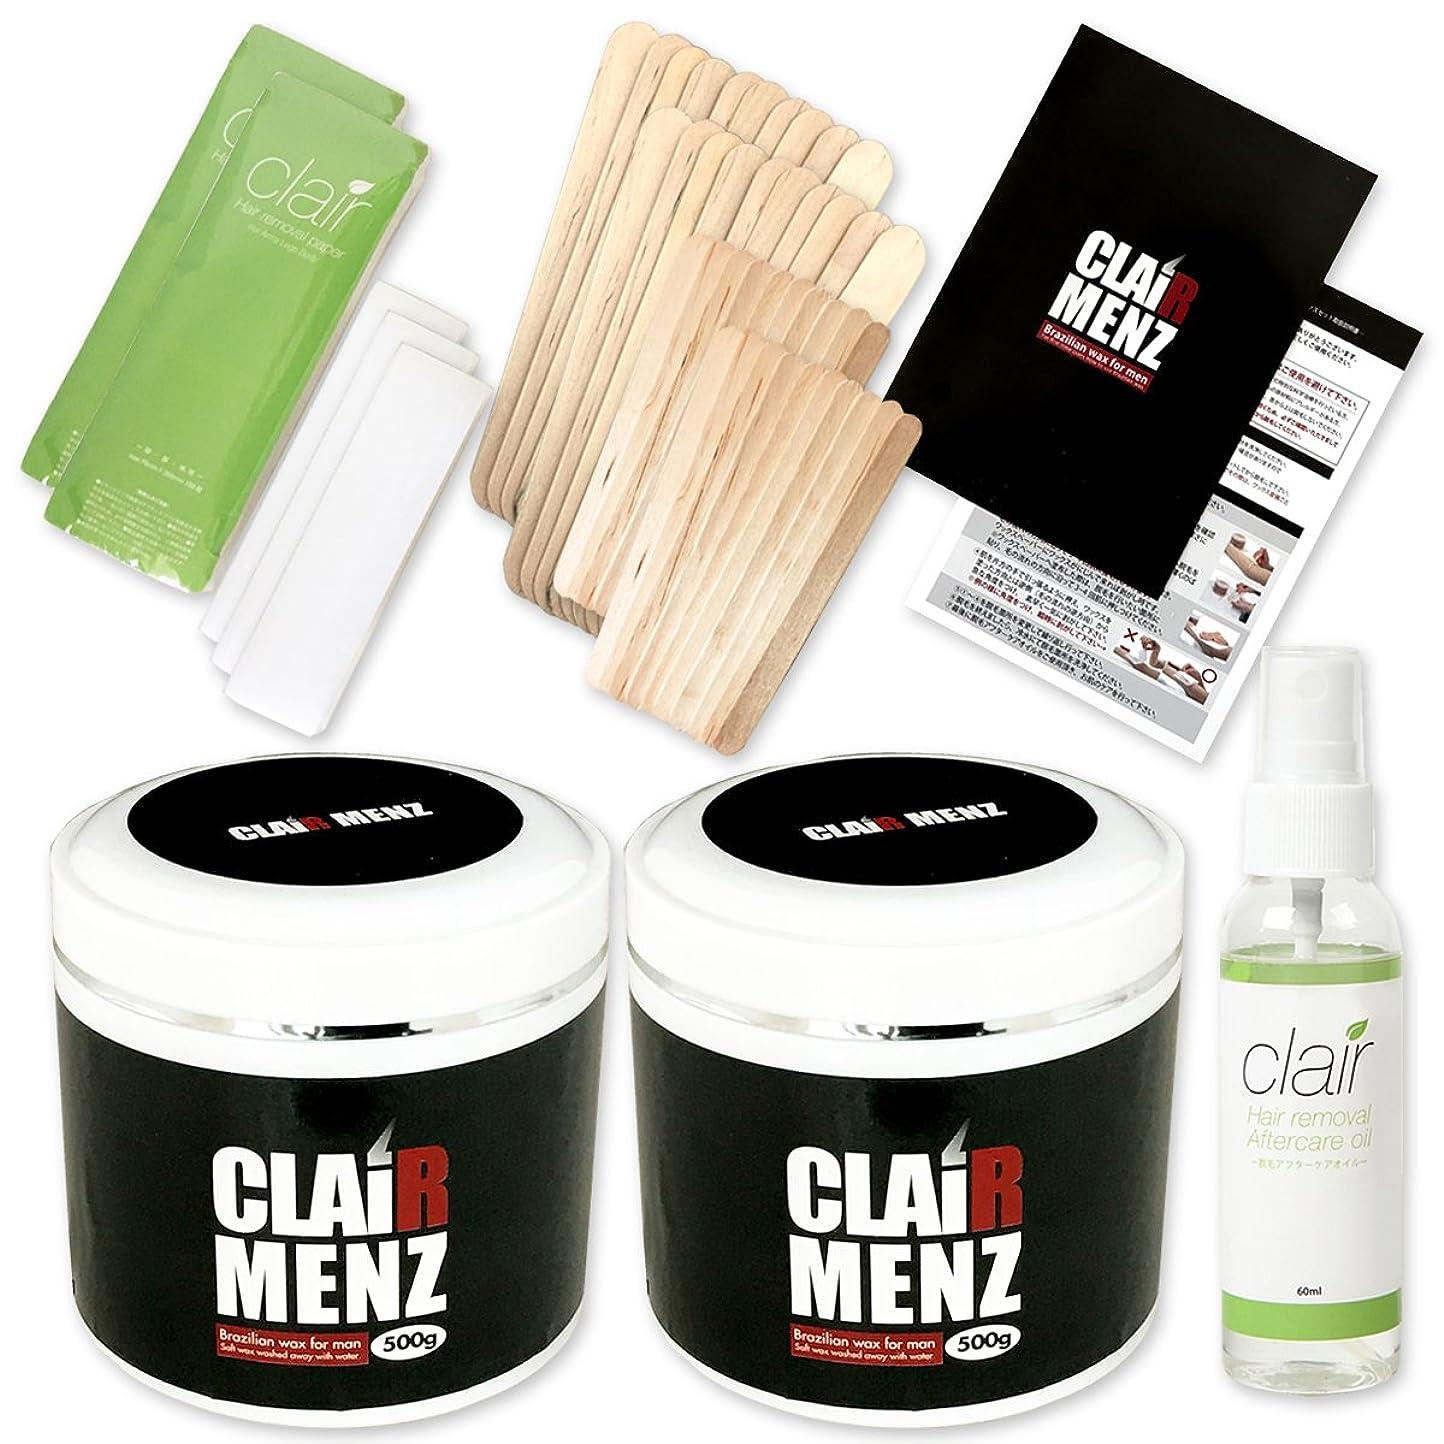 ゴミ箱を空にするドライブマリンブラジリアンワックス メンズ専用 clair Menz wax 初めてのブラジリアンワックス 脱毛 全身キット メンズ脱毛専用ラベル 無添加ワックス 【取扱説明書付】